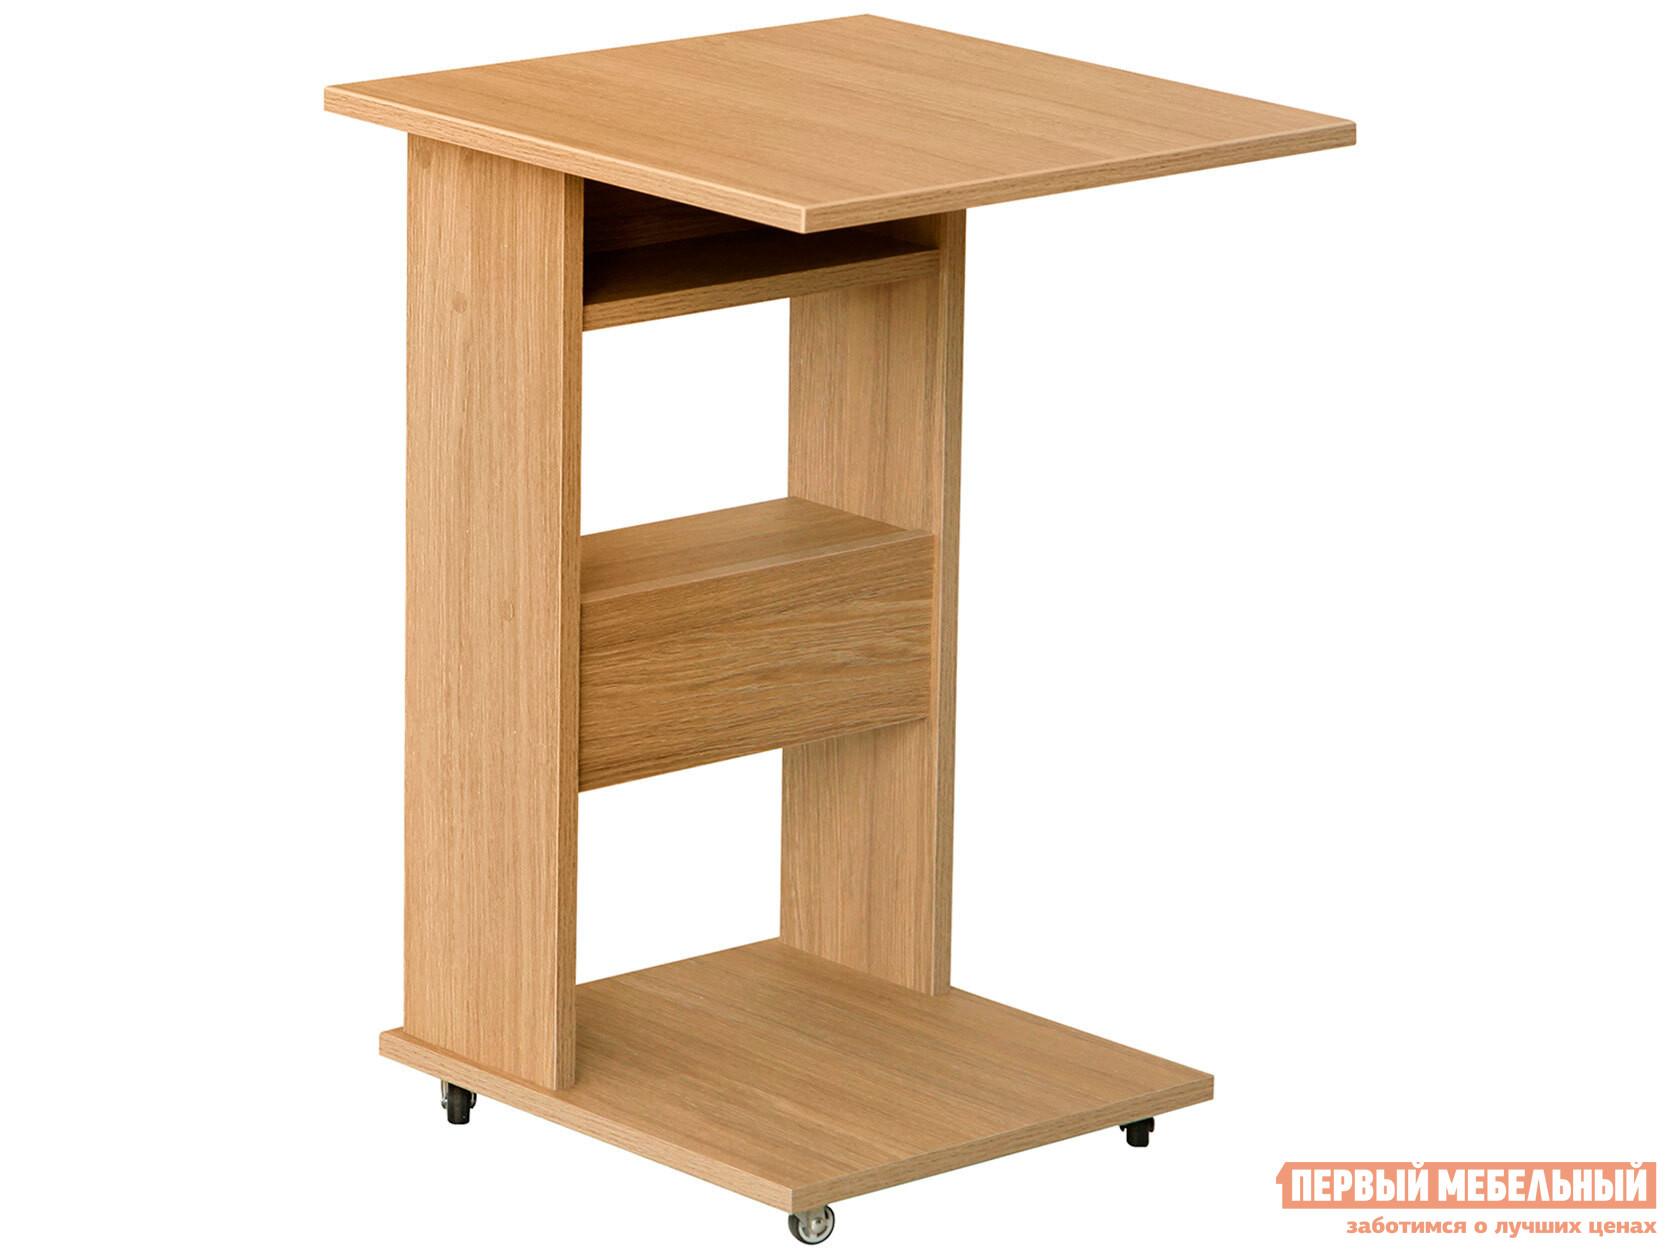 Журнальный столик Первый Мебельный Столик придиванный Лион